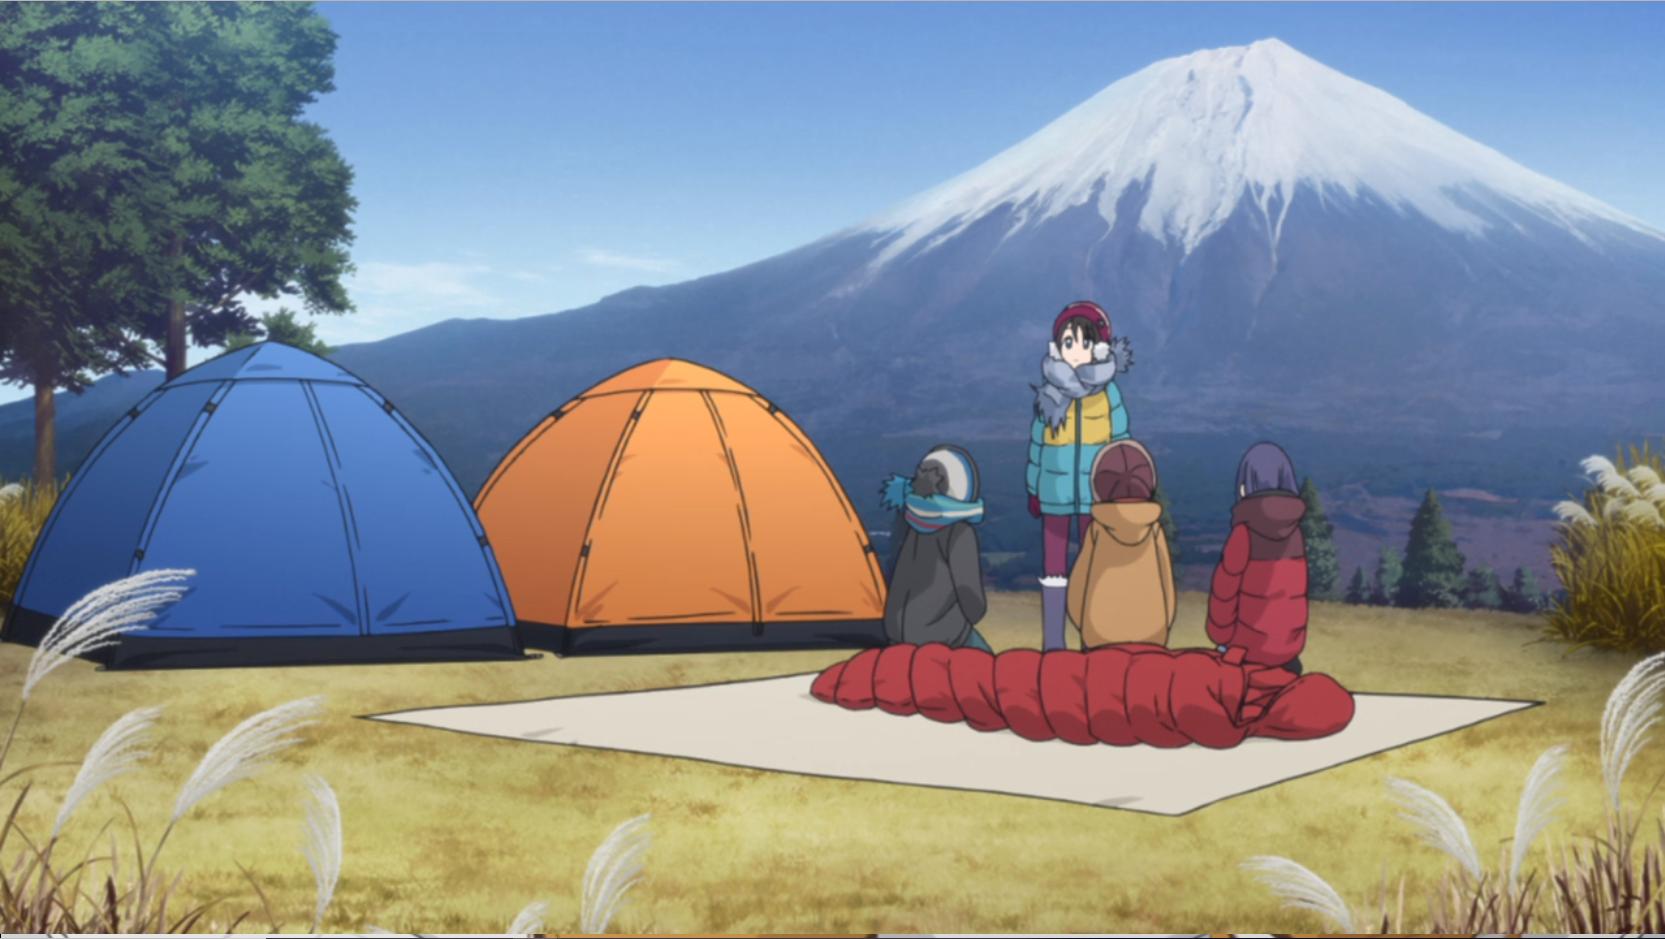 アニメ『ゆるキャン△』11話の斉藤さんのキャンプ道具(寝袋シュラフ)